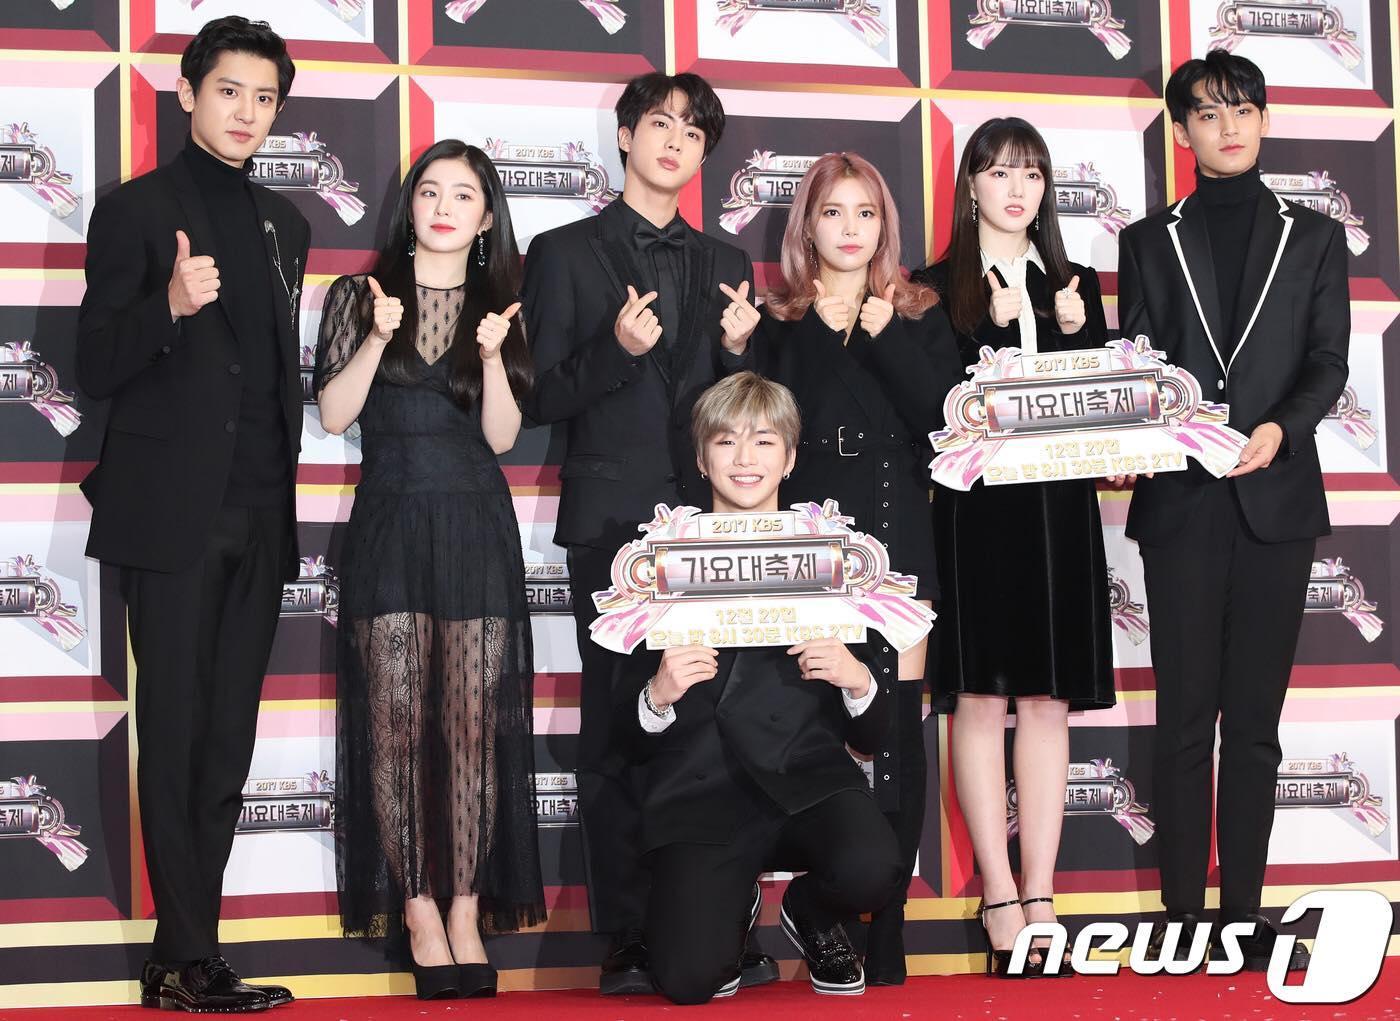 Thảm đỏ KBS Gayo Daejun: HyunA sexy nổi bật, loạt mỹ nam tạo dáng khó đỡ-1